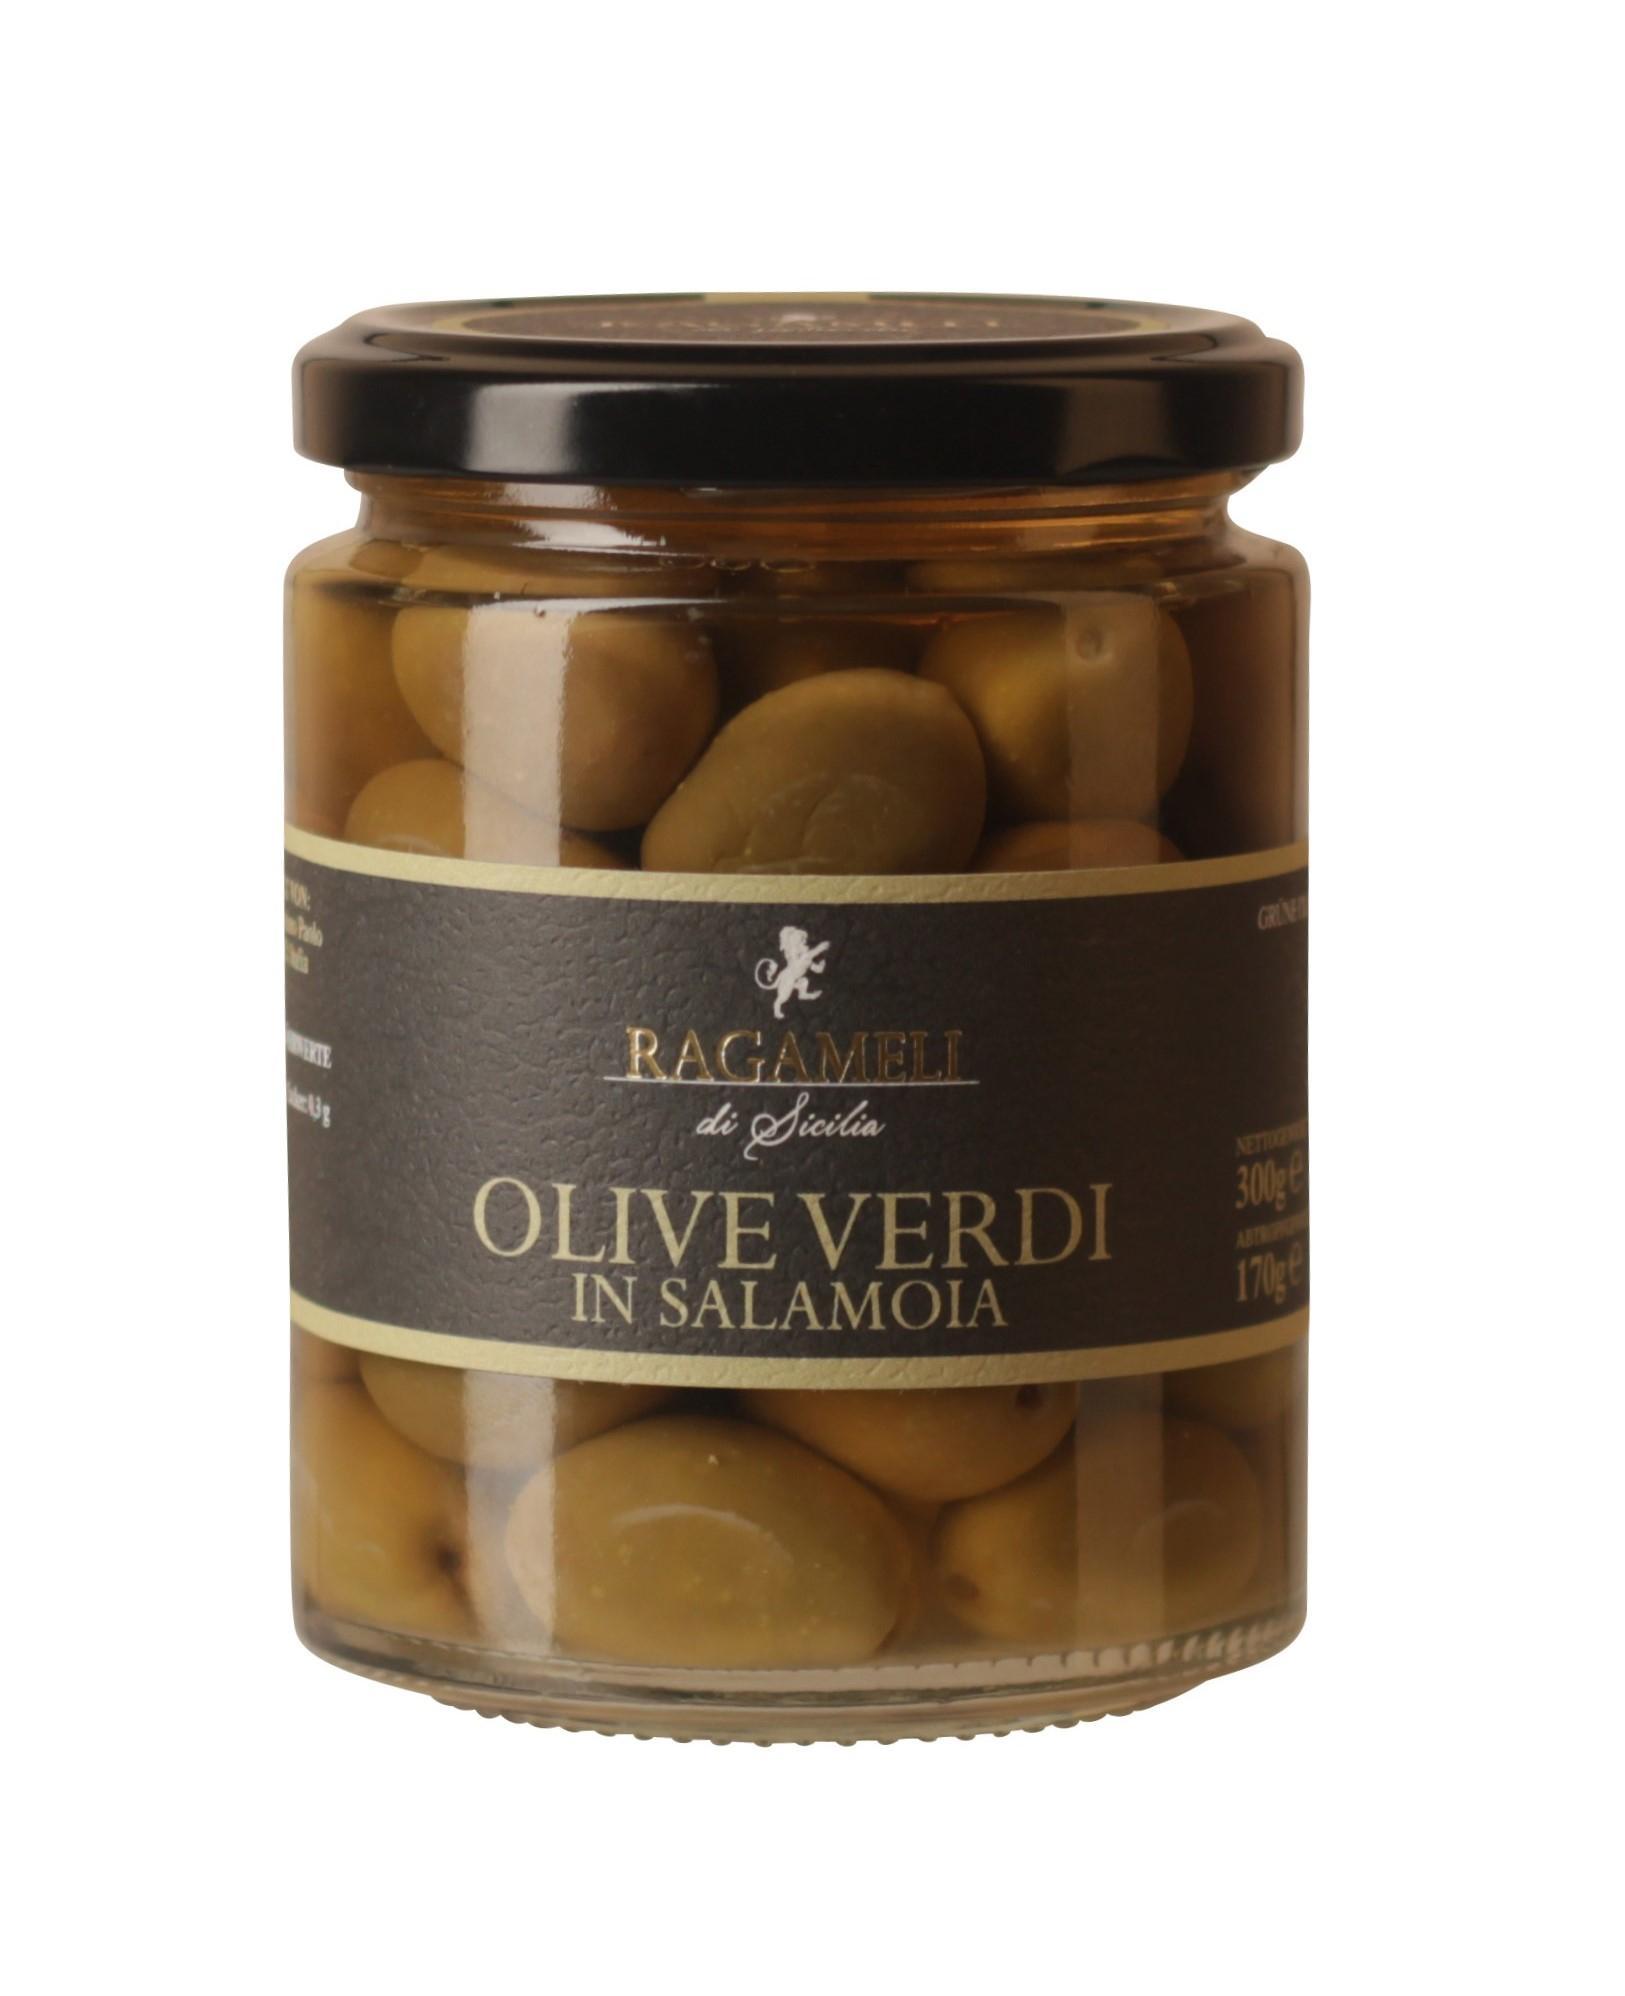 Ragameli Olive Verdi in Salamoia Ragameli di Sicilia